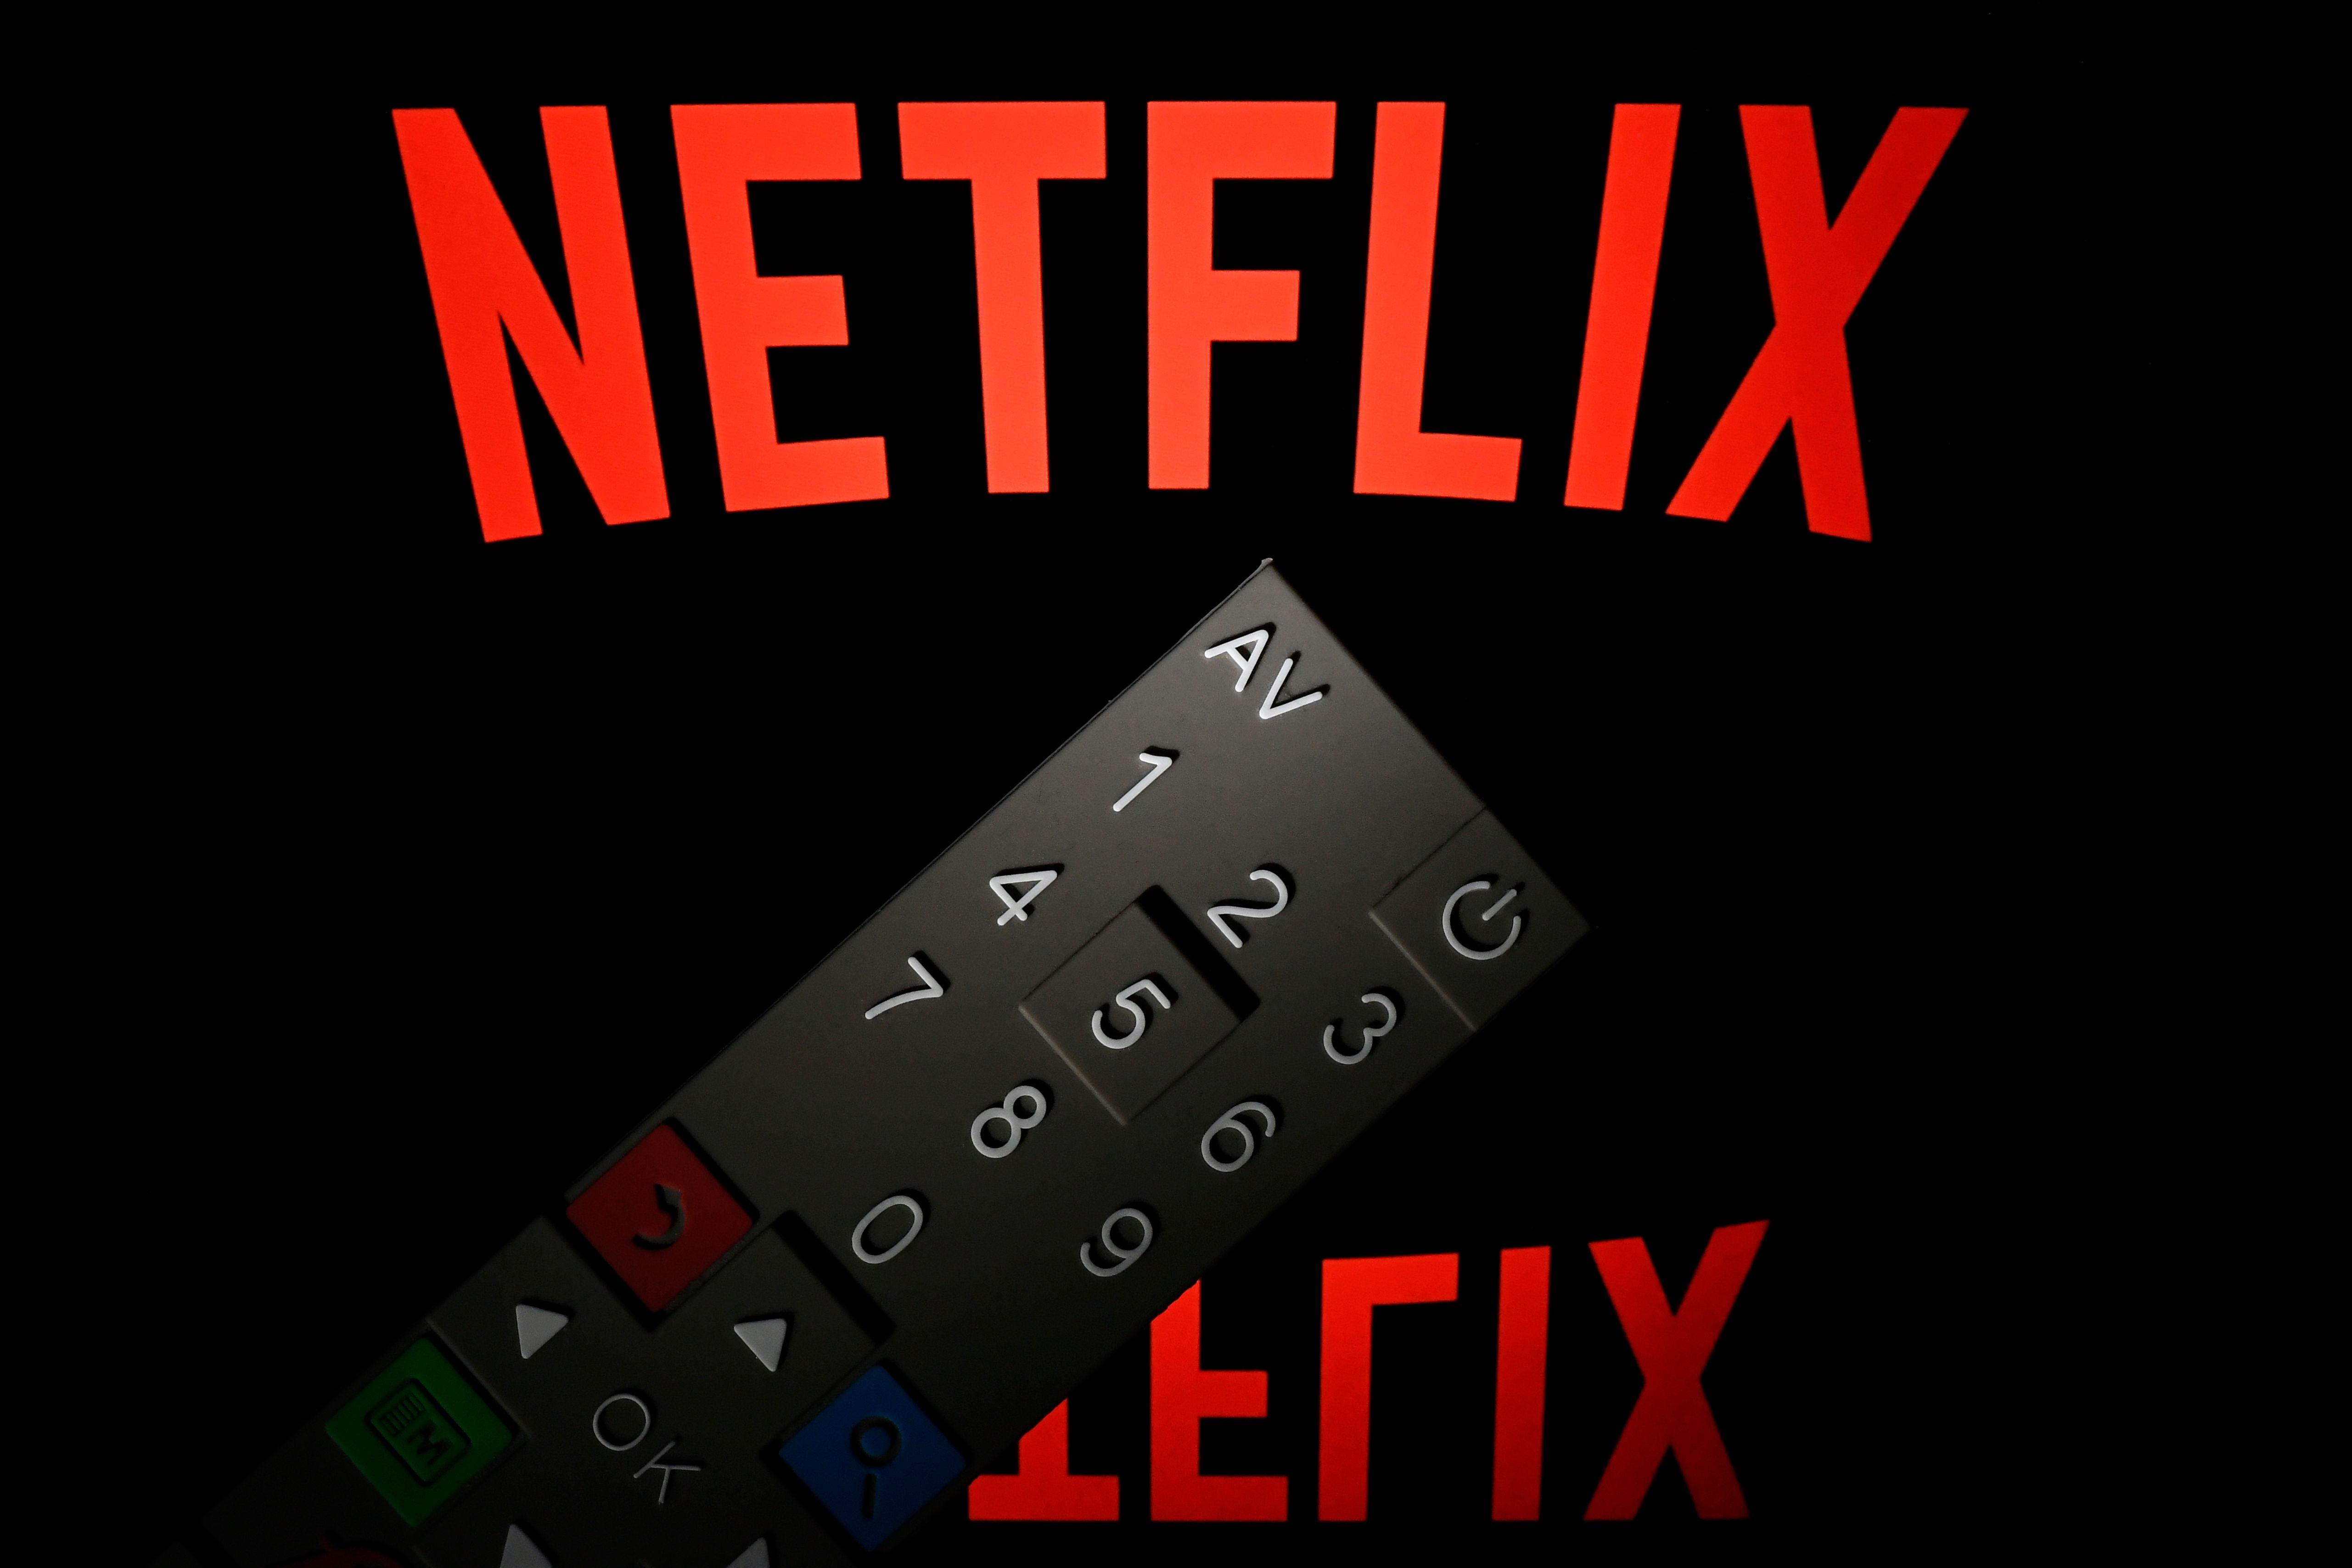 La subida de precios de Netflix coincide con la estrategia de la compañía de emplear el dinero extra para desarrollar su estrategia de contenidos. (Foto Prensa Libre: AFP)